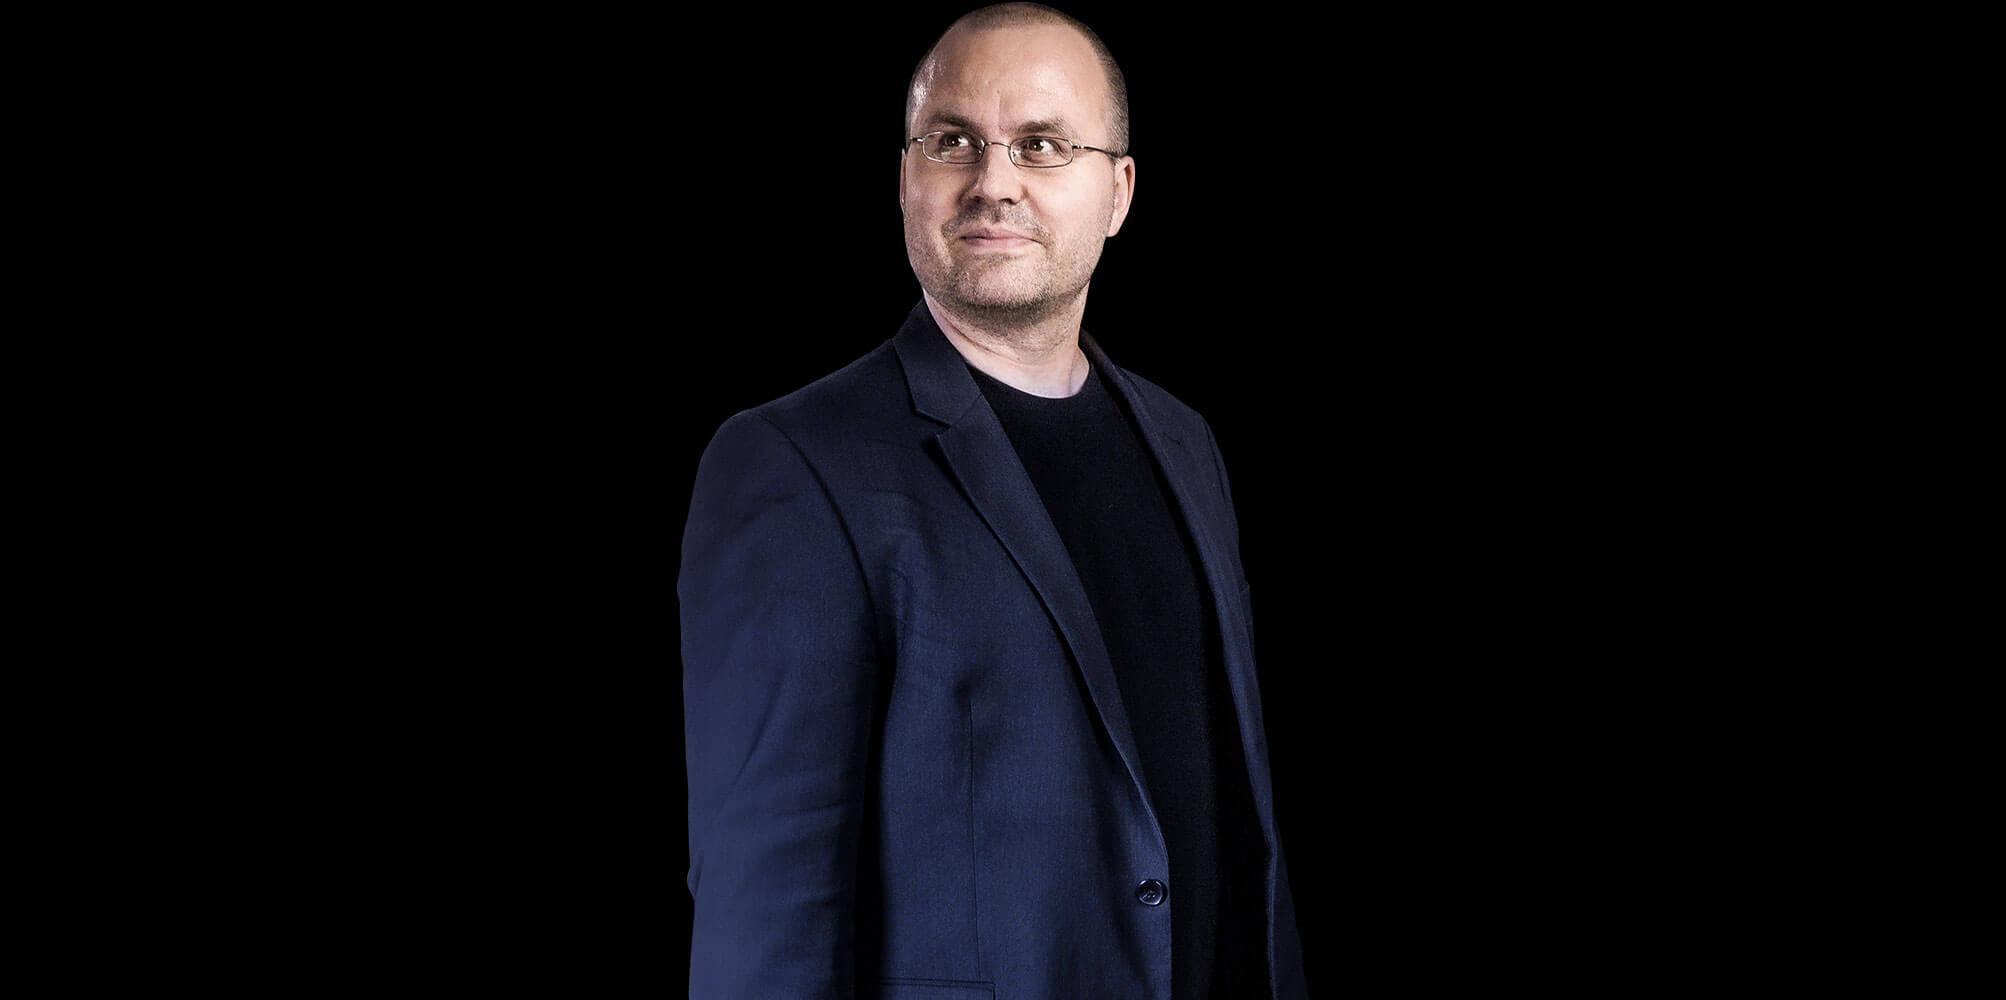 Matthias Gottwald trägt Sakko, lächelt und schaut nach oben links.